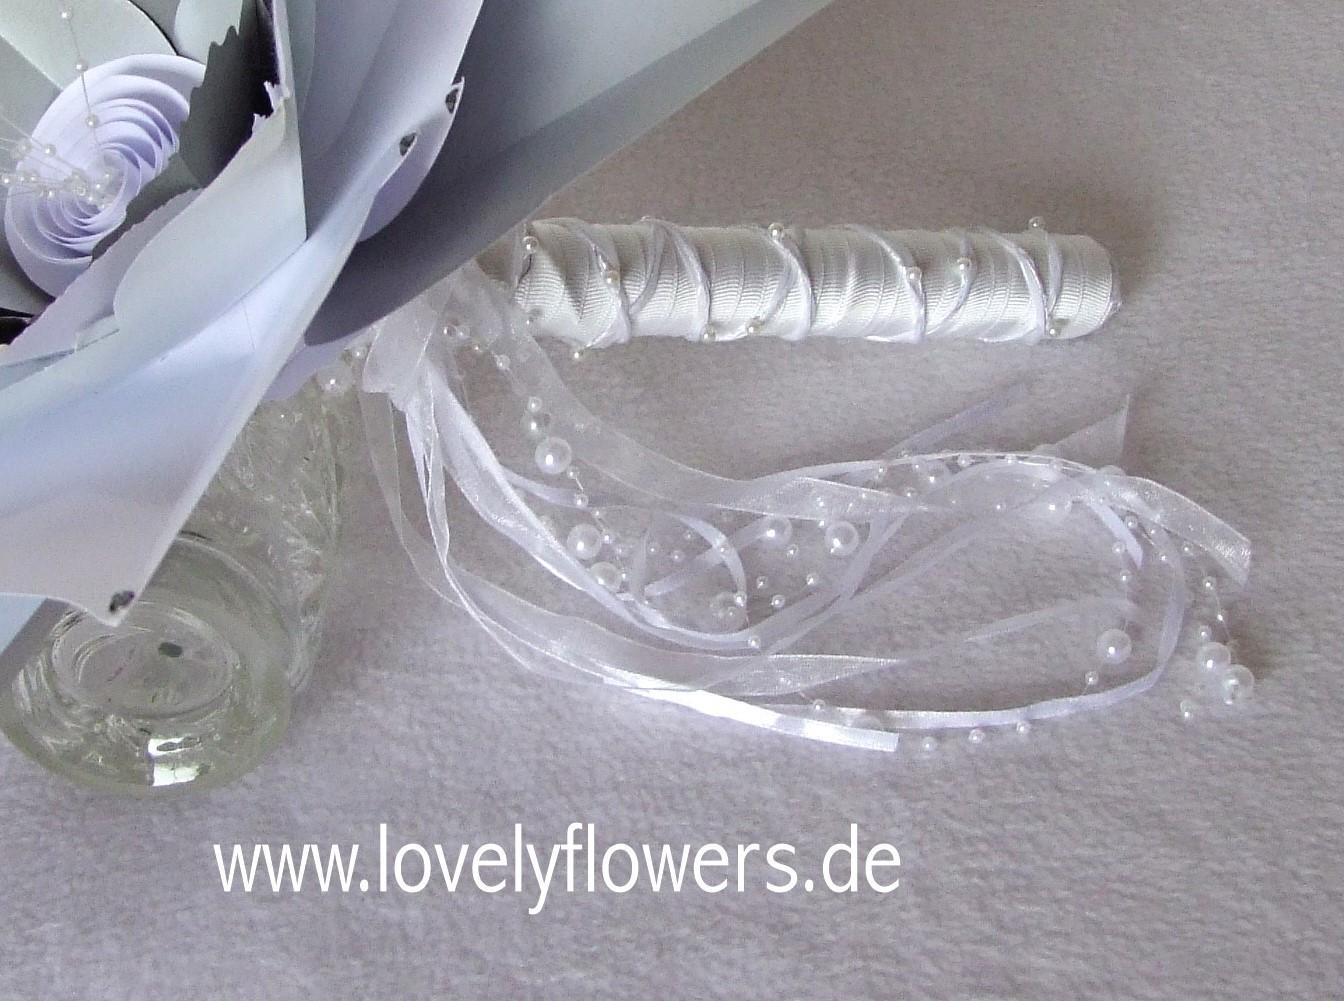 Paper-Art Großblütenbrautstraußhandstab No1 von www.lovelyflowers.de für den Hochzeitsempfang in der Residenz zu Salzburg/Österreich